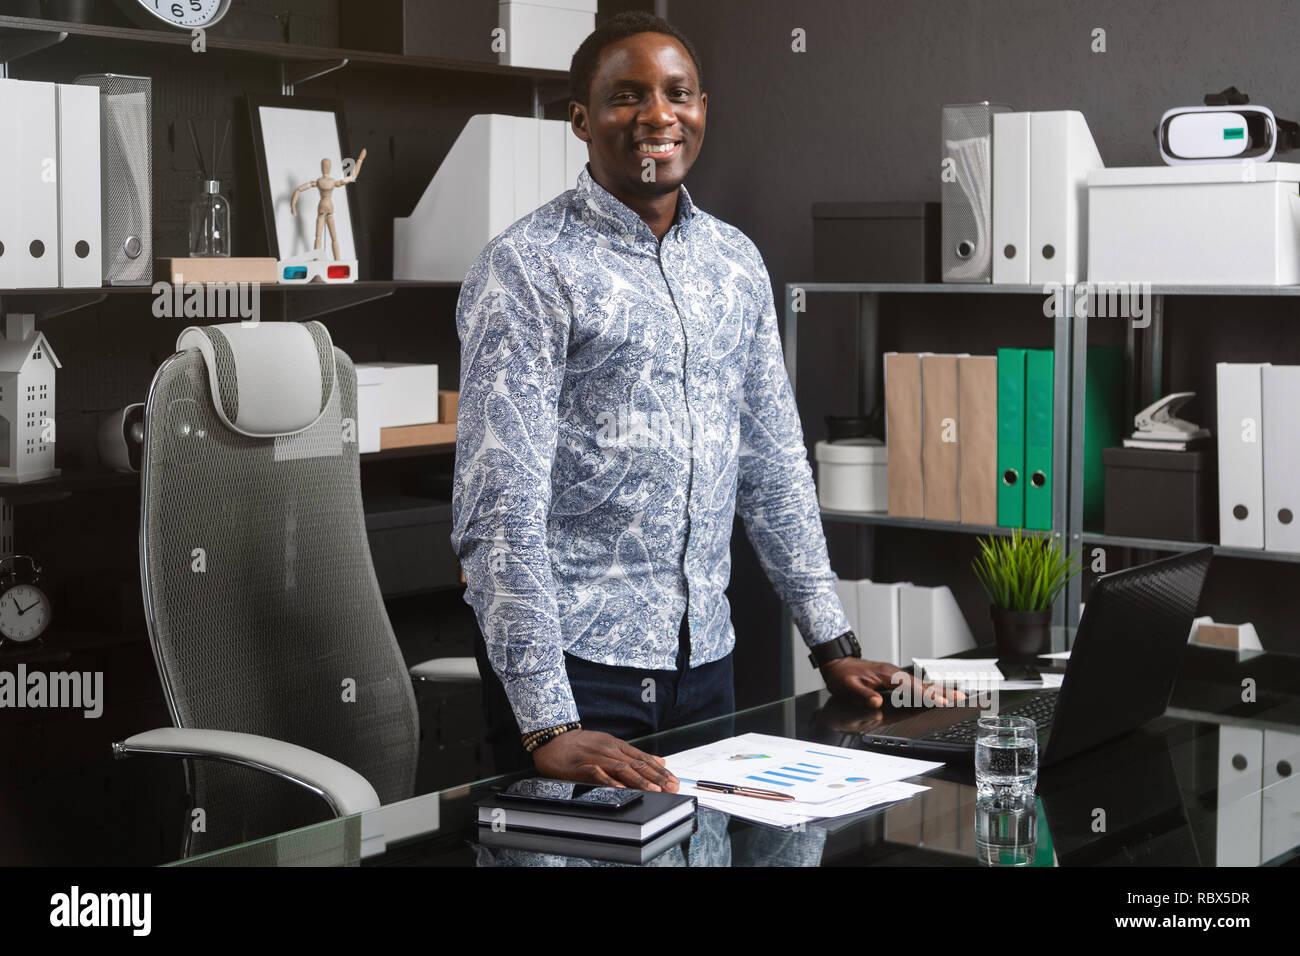 Portrait von drei Viertel lang junge schwarze Unternehmer stehen in der Nähe des Schreibtisch im Büro Stockbild